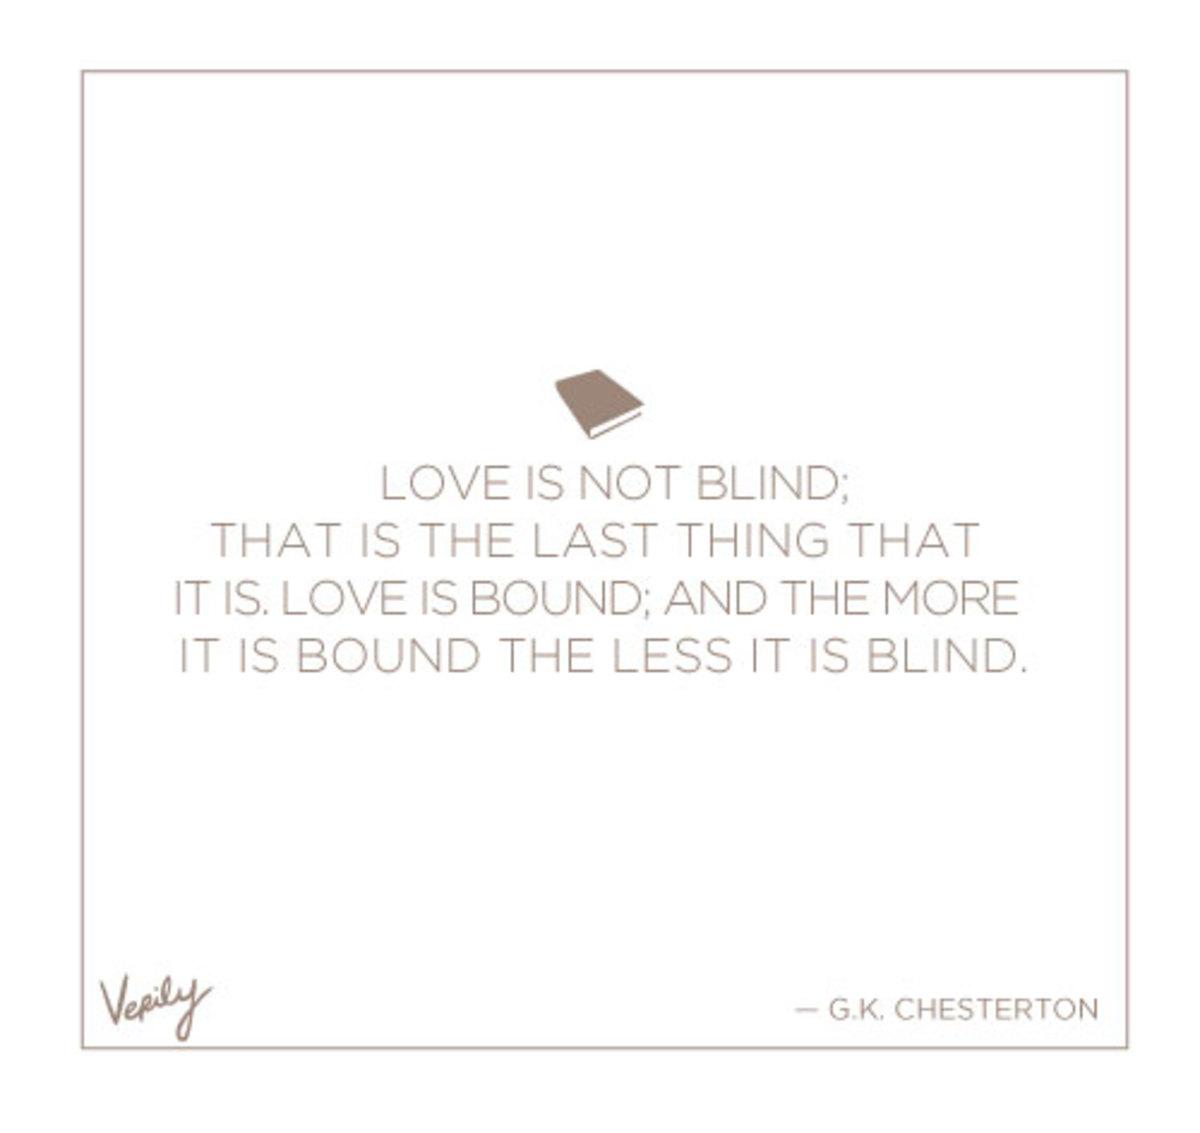 VerilyMagazine_dailydose_Chesterton